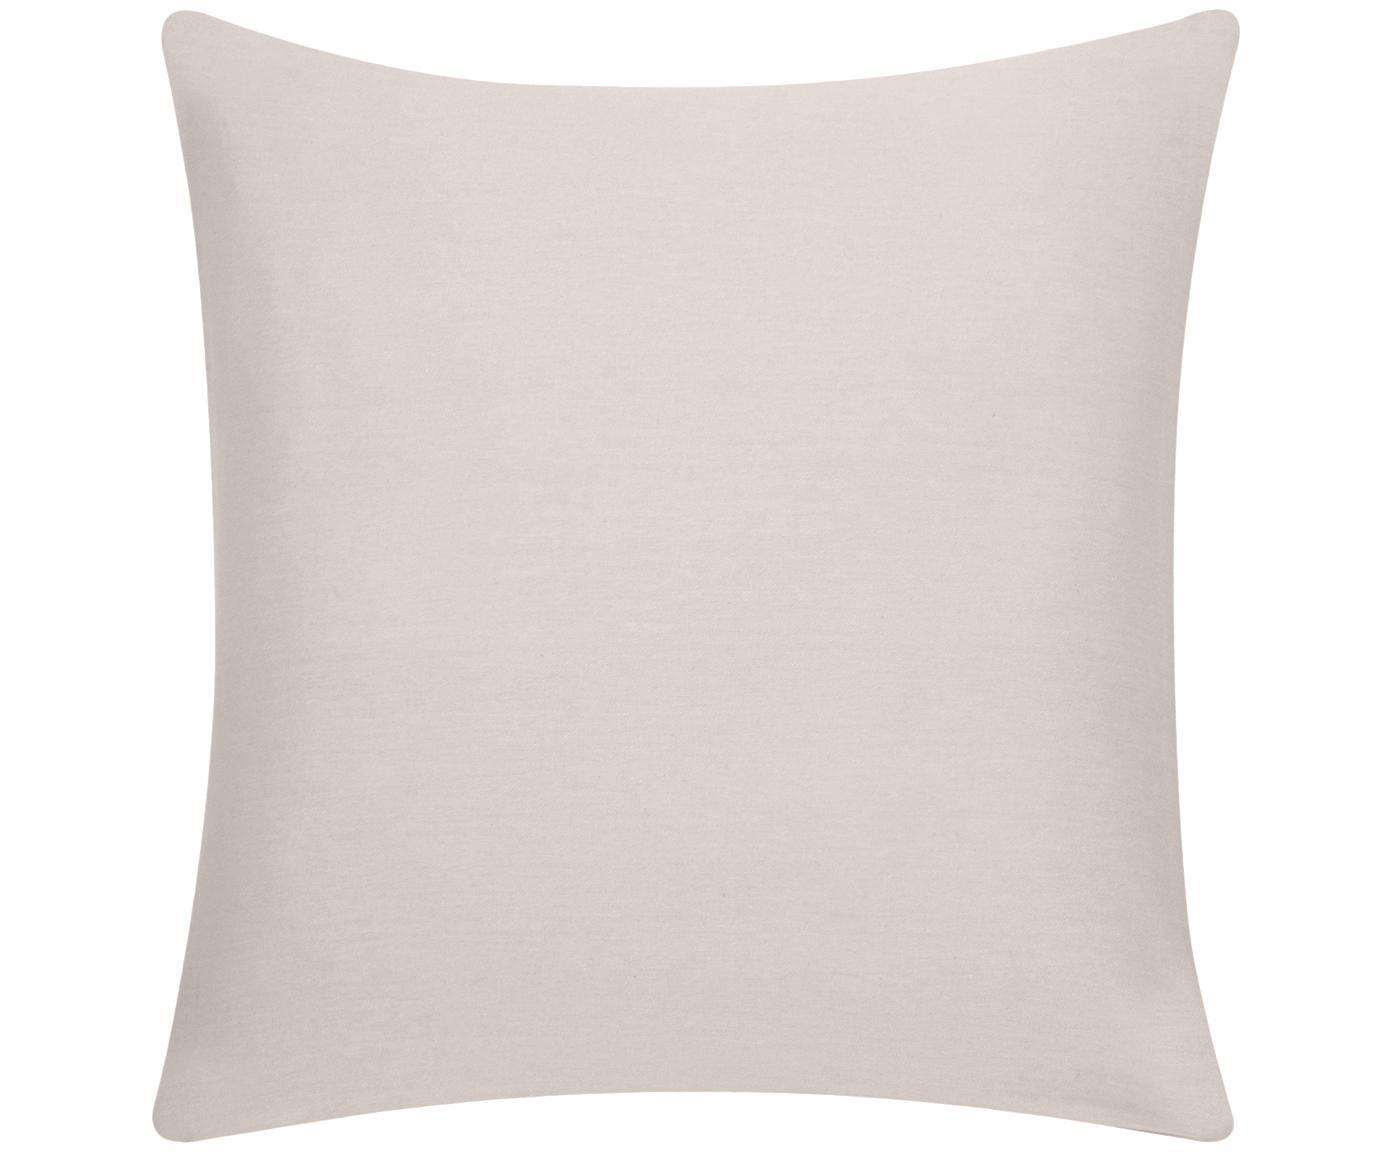 Federa arredo in beige Mads, Cotone, Beige, Larg. 40 x Lung. 40 cm